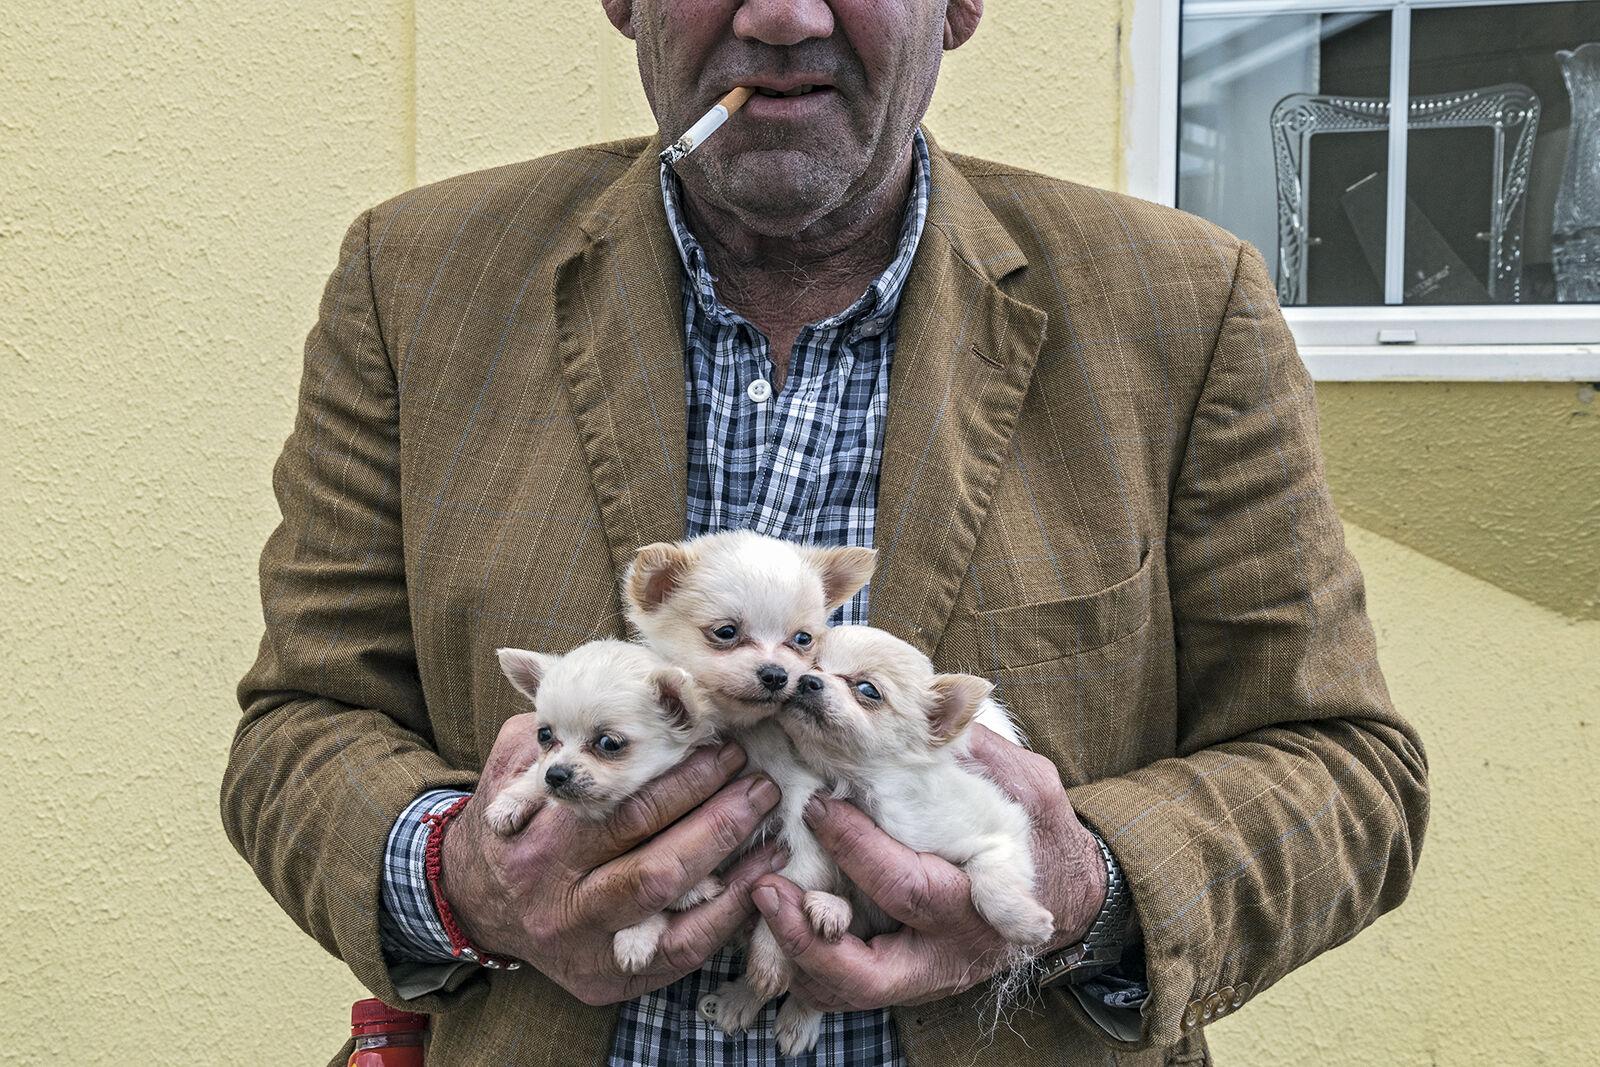 Three Puppies, Limerick, Ireland 2019